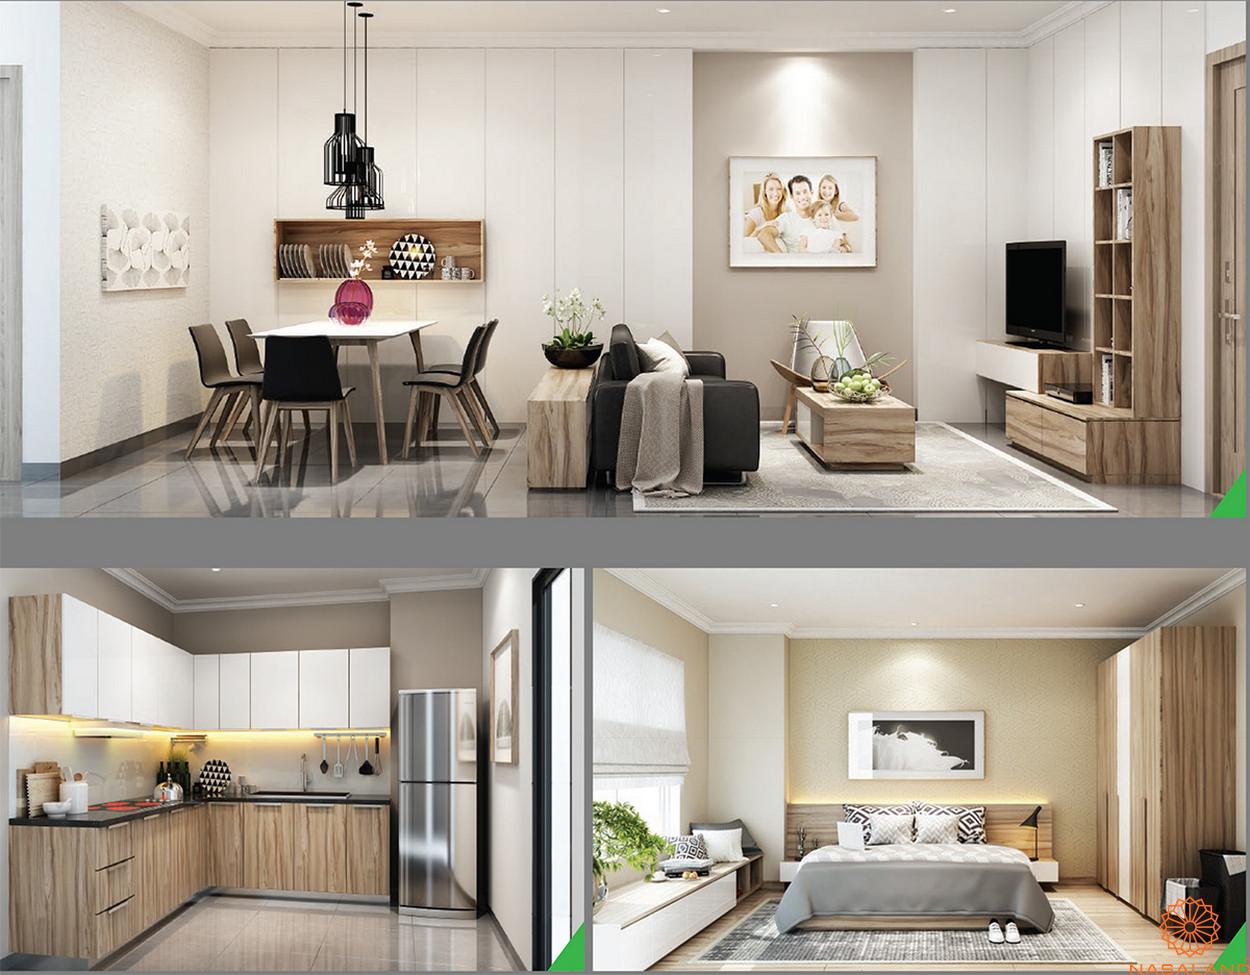 Thiết kế dự án nhà phố Sari Town quận 2 Thành phố Hồ Chí Minh - thiết kế chung phòng khách, phòng ngủ và phòng bếp